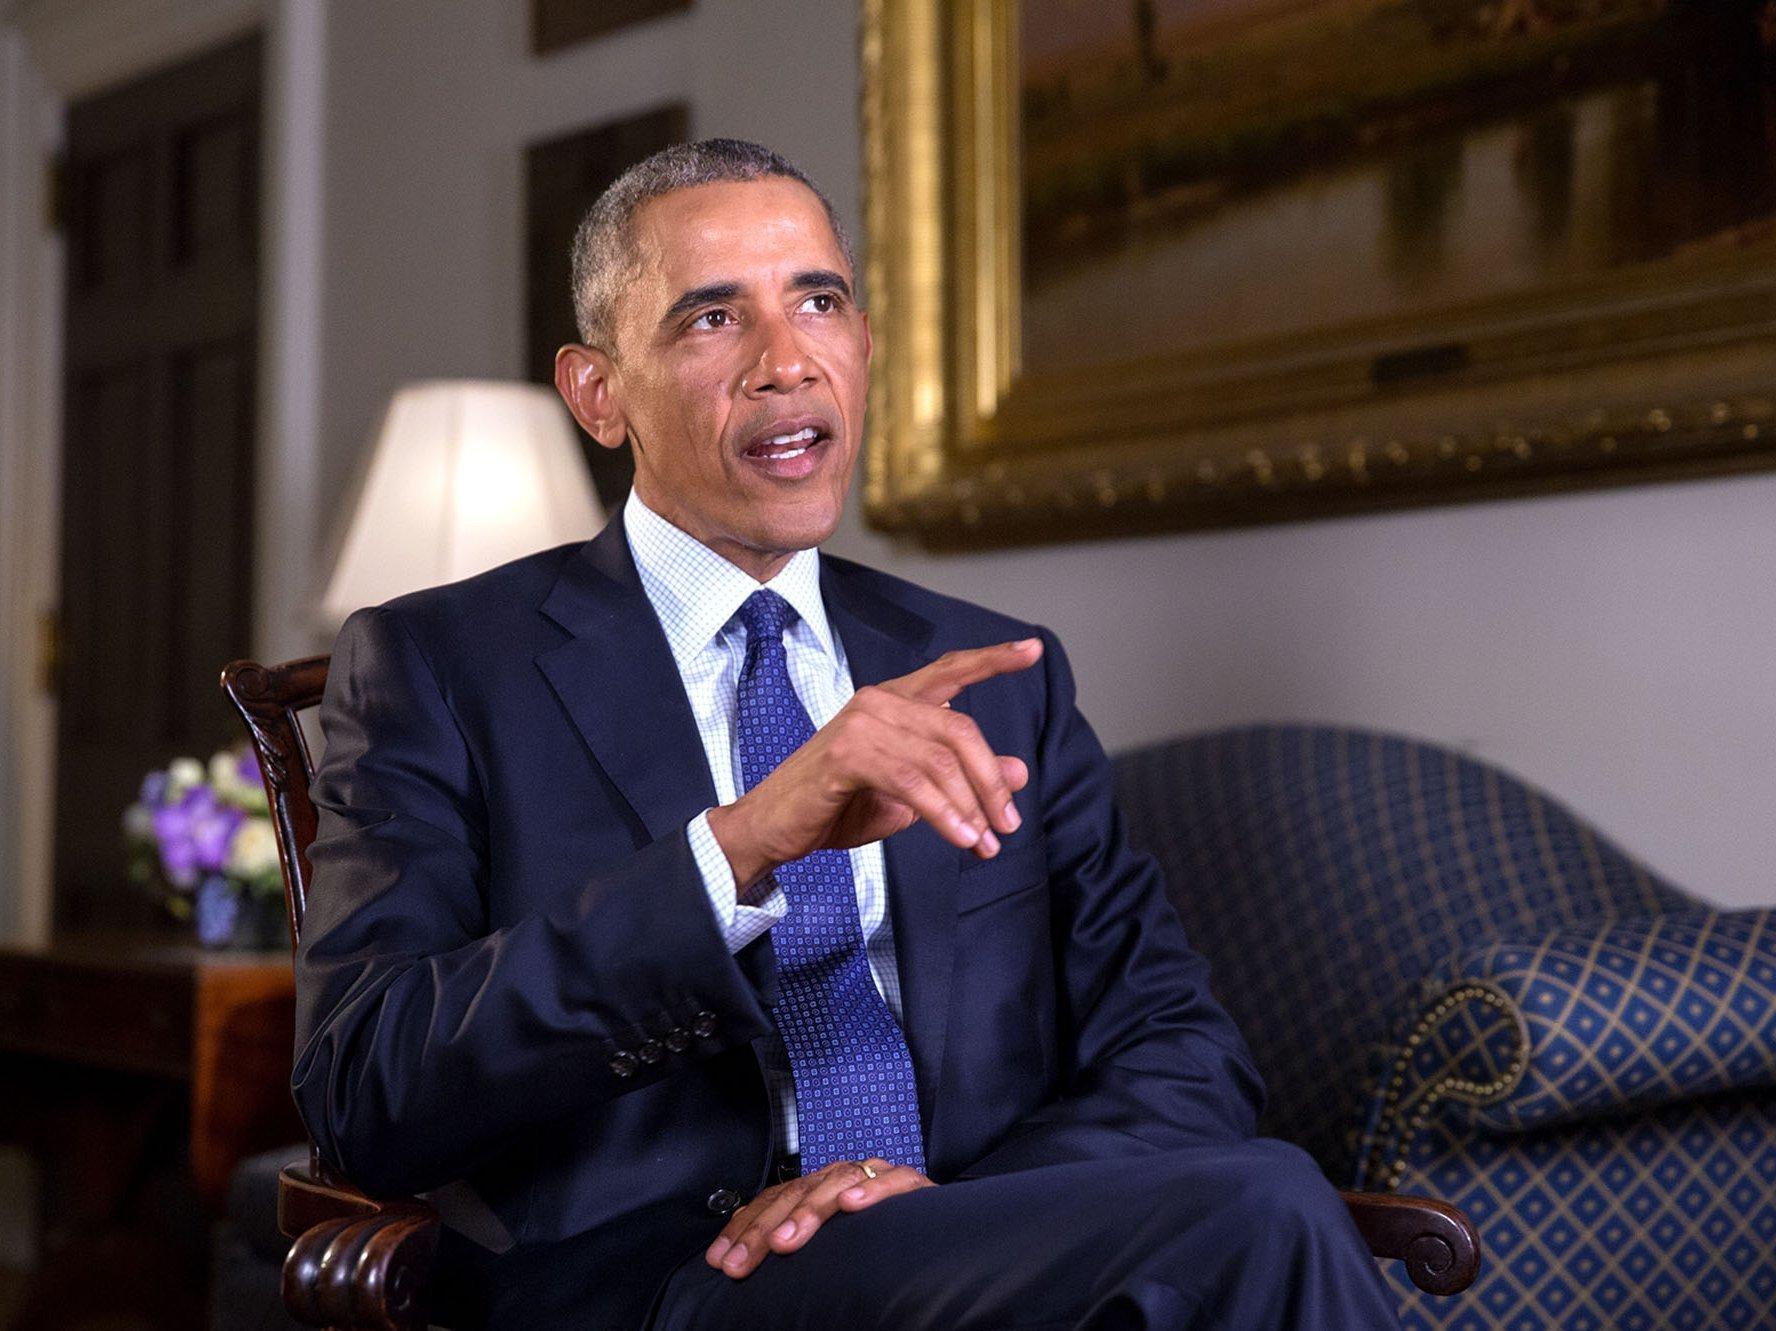 Уходящий президент: солидарность на страже демократии